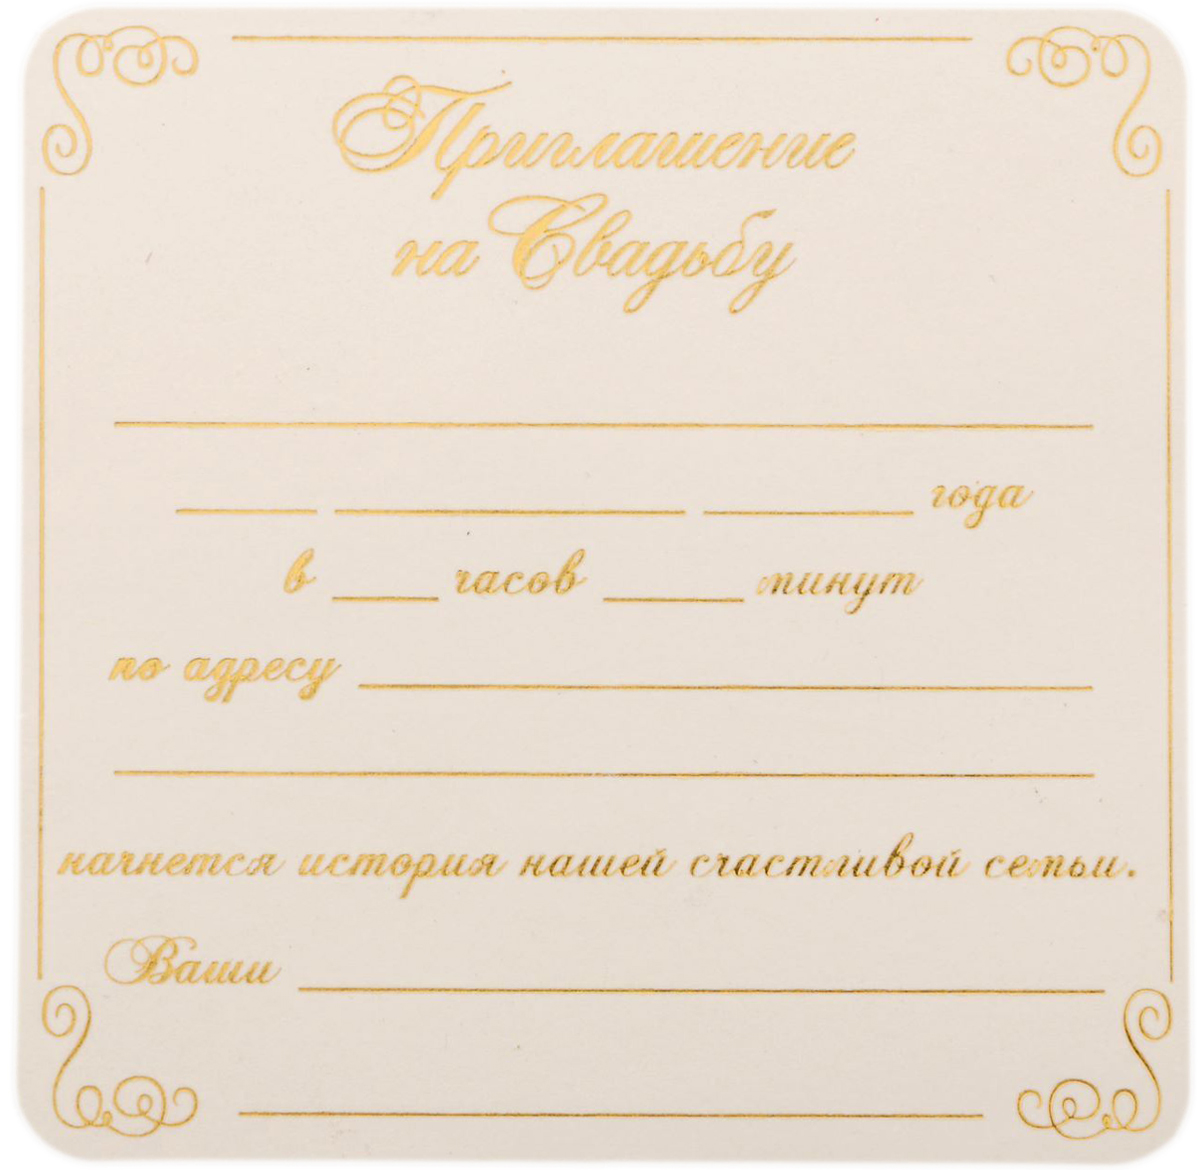 Как заполнять приглашения на свадьбу образец фото, надписями